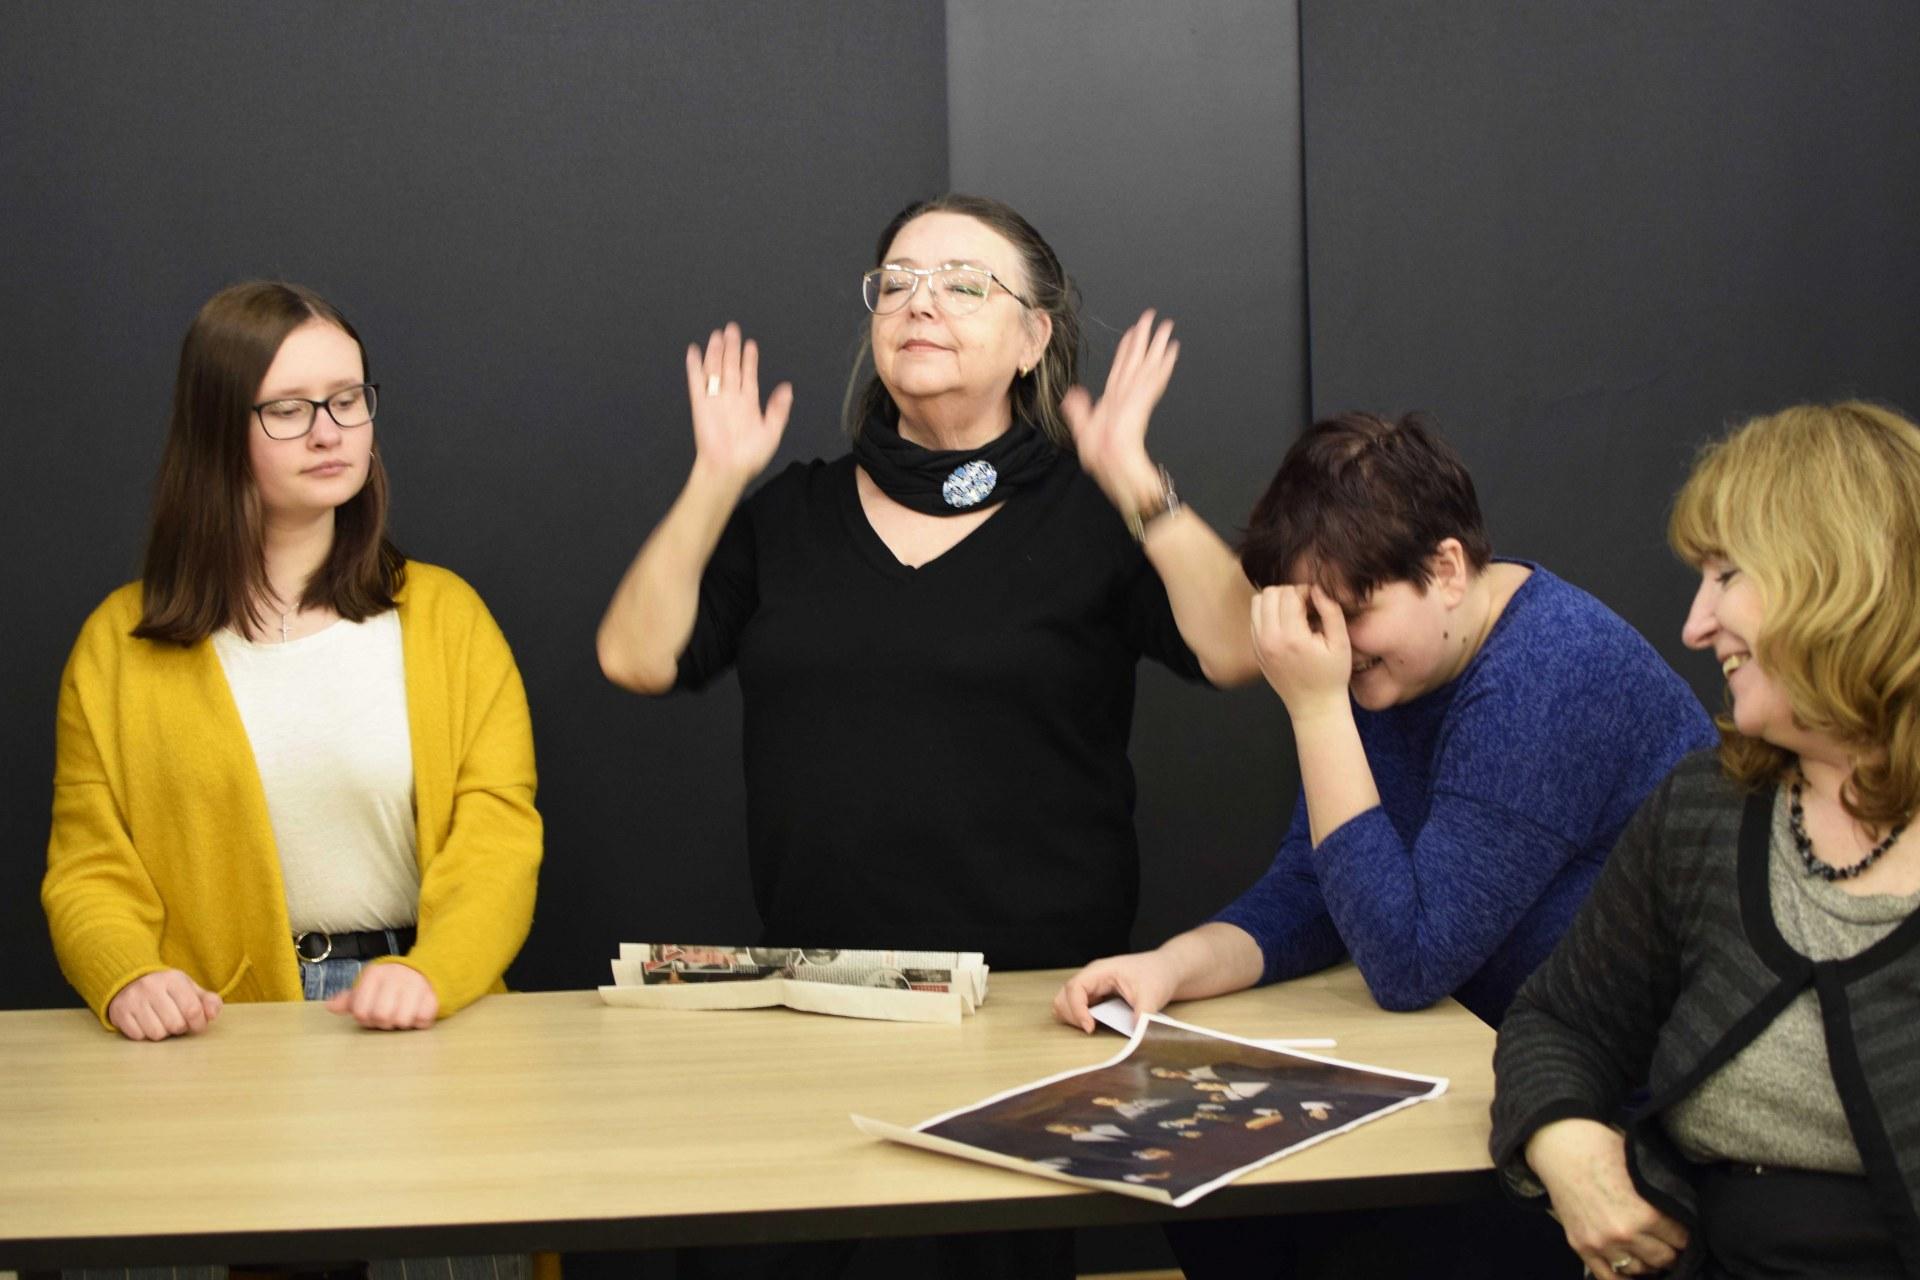 Na zdjęciu cztery kobiety w różnym wieku siedzą przy stole i dyskutują. Na stole leży reprodukcja obrazu Regentki Domu Starców, dzieło Fransa Halsa z 1664 r.